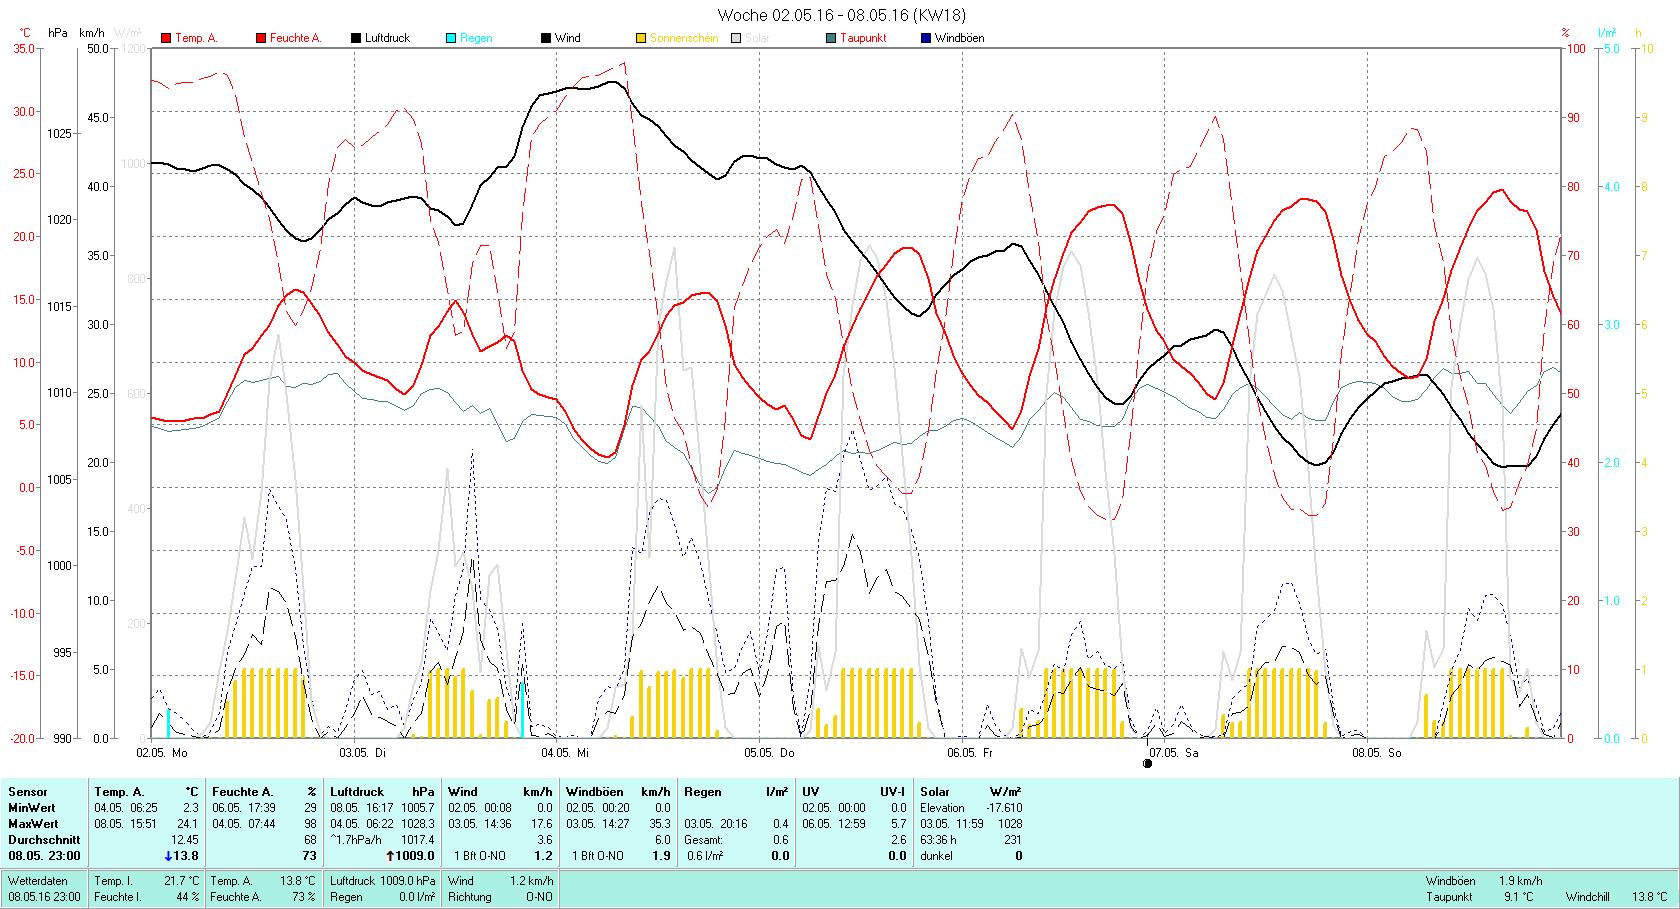 KW 18 Tmin 2.3°C, Tmax 24.1°C, Sonne 63:36h, Niederschlag 0.6mm/2